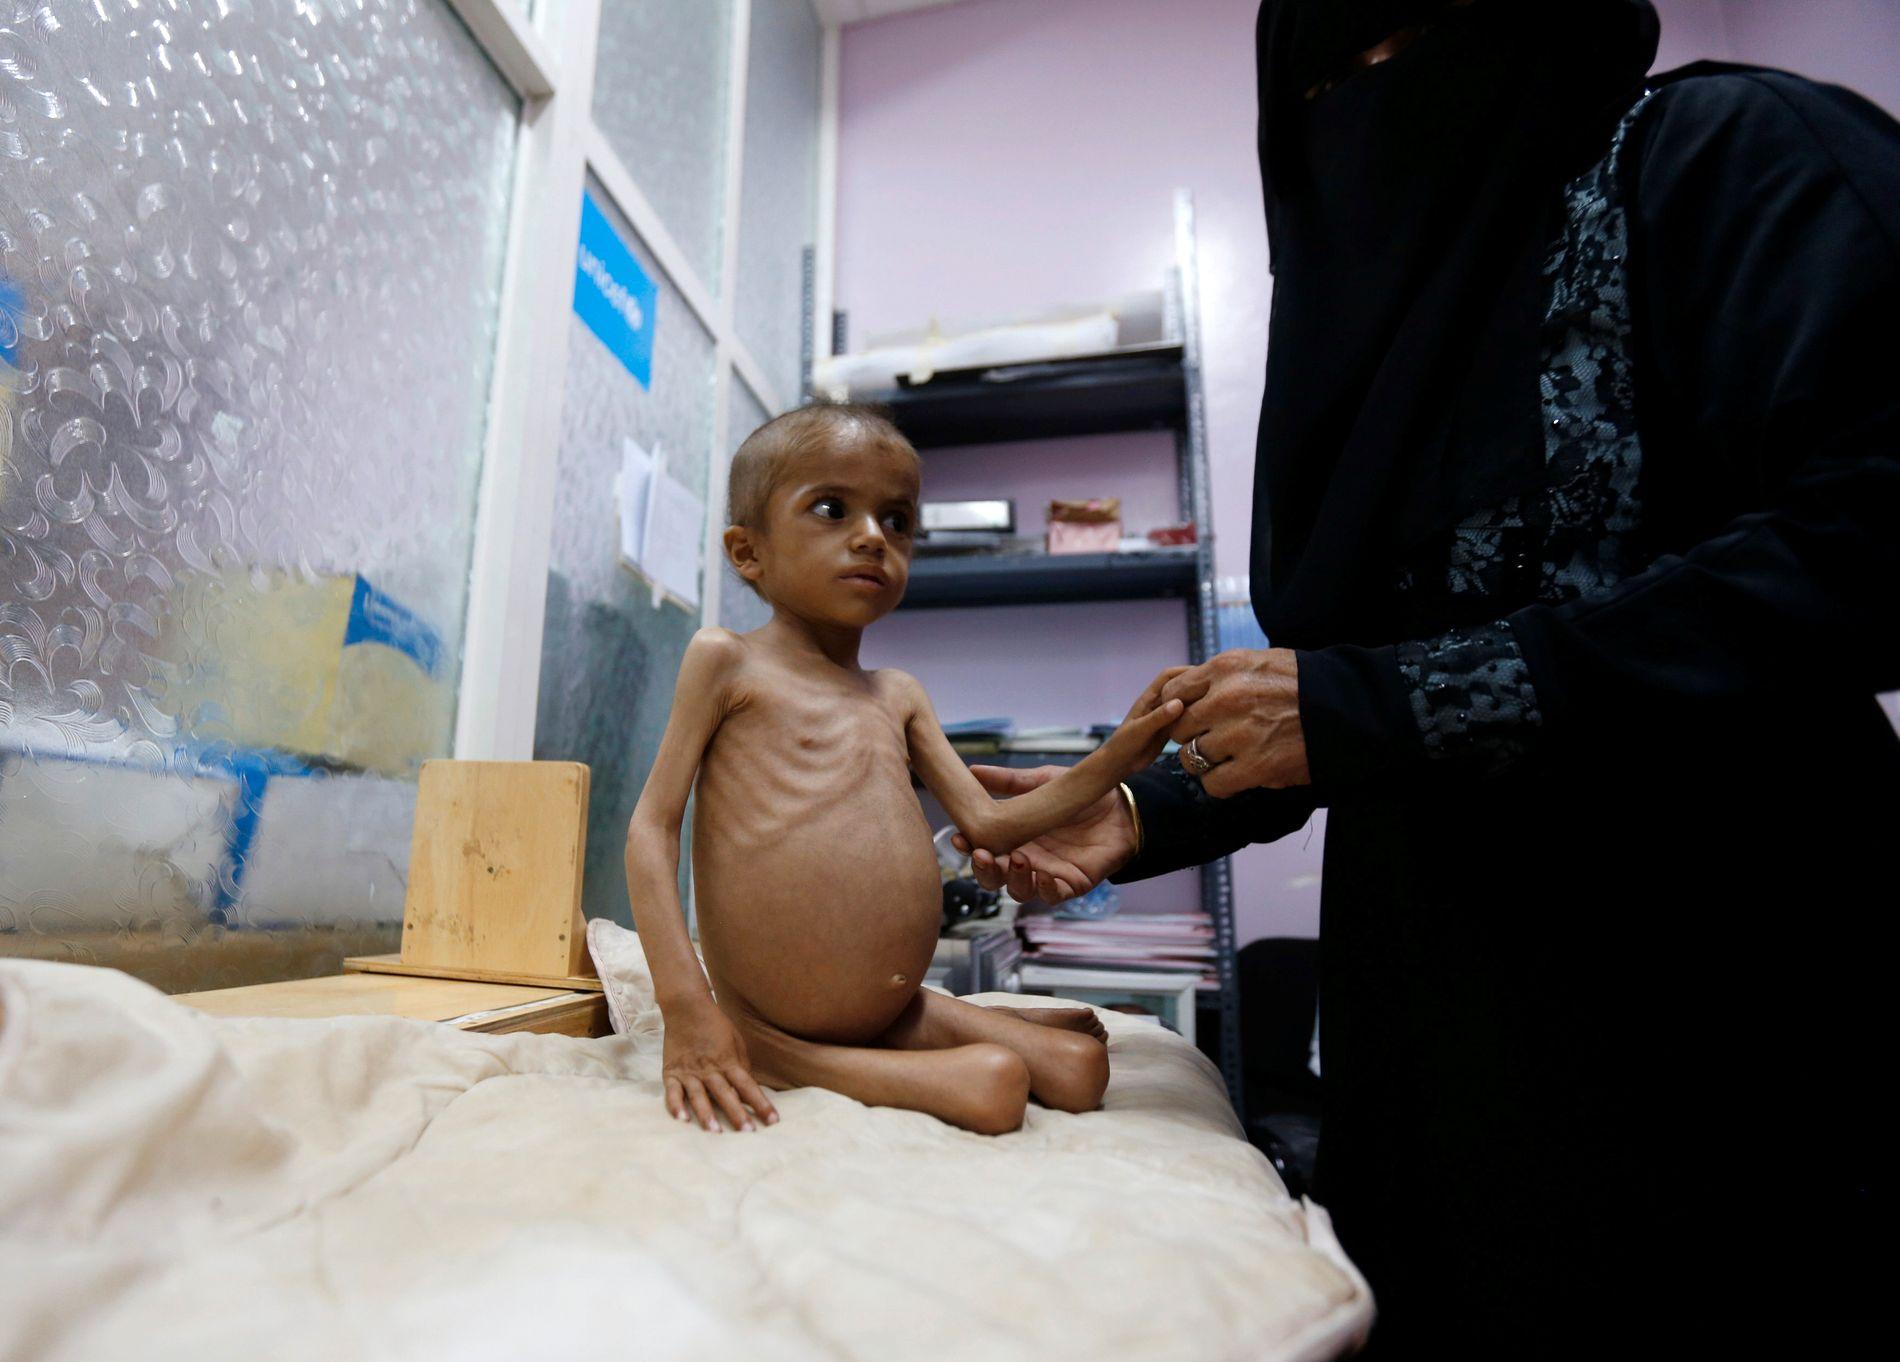 MATMANGEL OG BOMBER: Rasha Sadeq Ahmed (4) holdes av sin mor i et senter for underernæring i hovedstaden Sanaa.